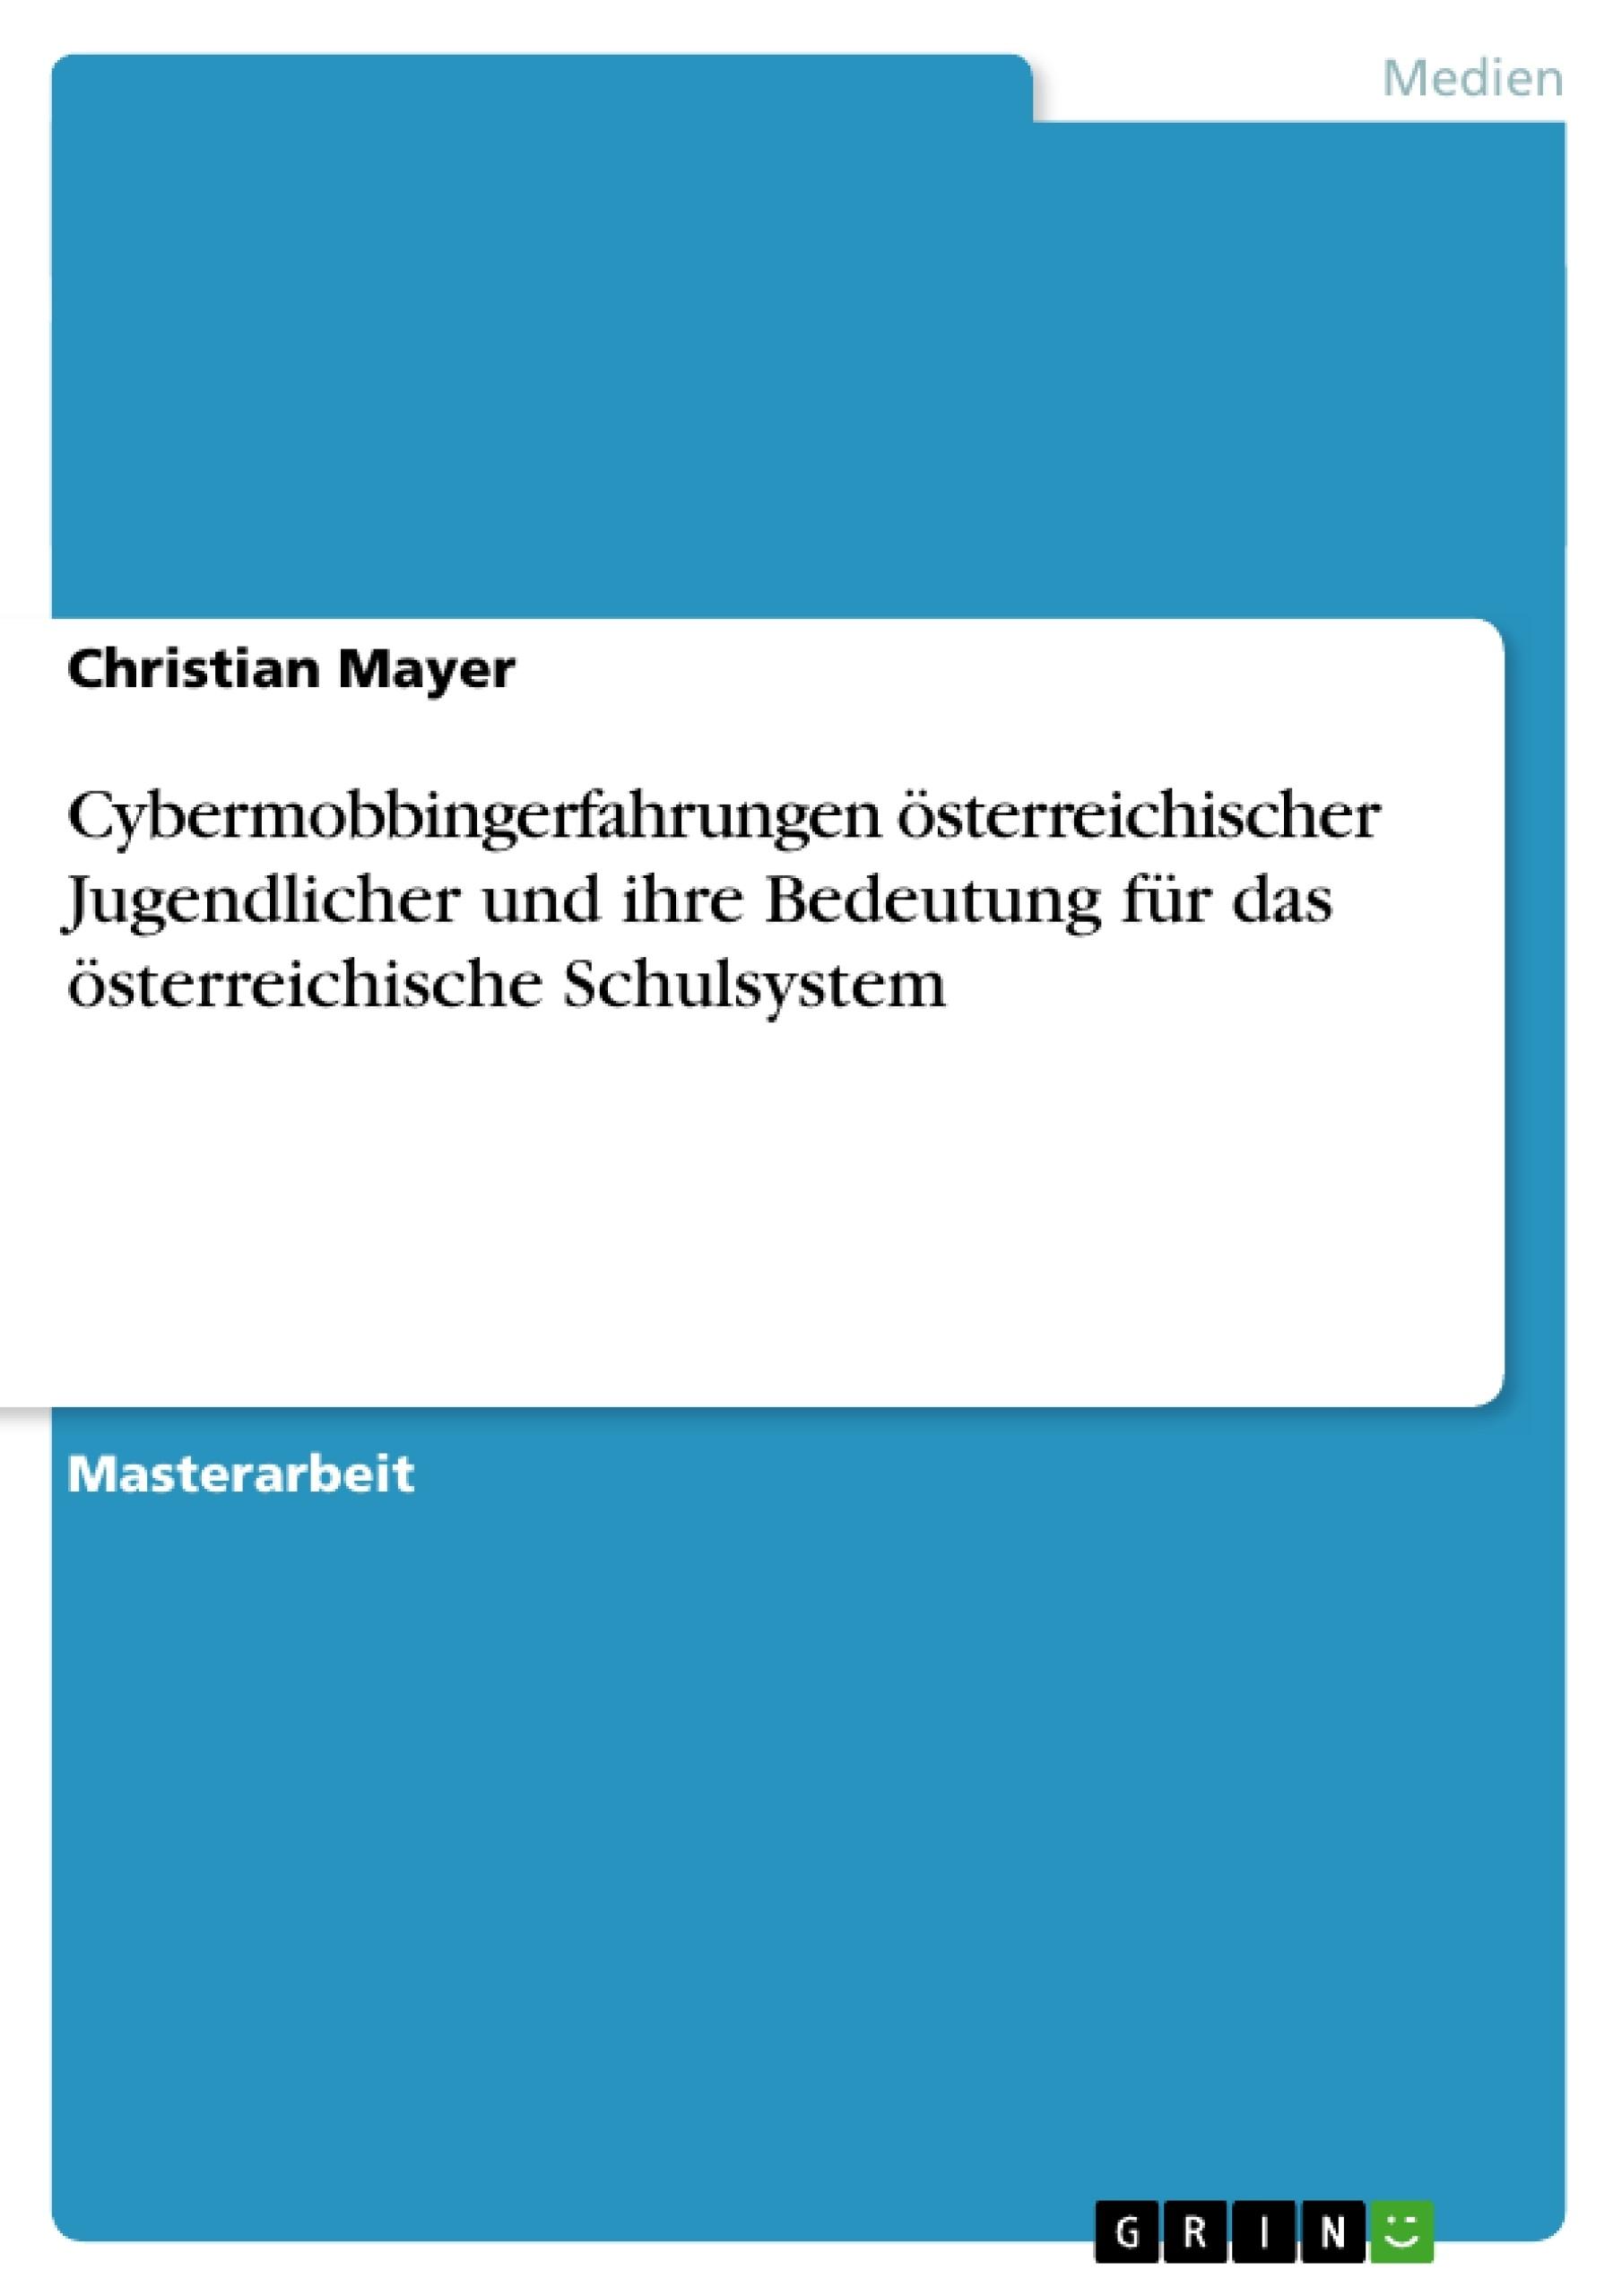 Titel: Cybermobbingerfahrungen österreichischer Jugendlicher und ihre Bedeutung für das österreichische Schulsystem